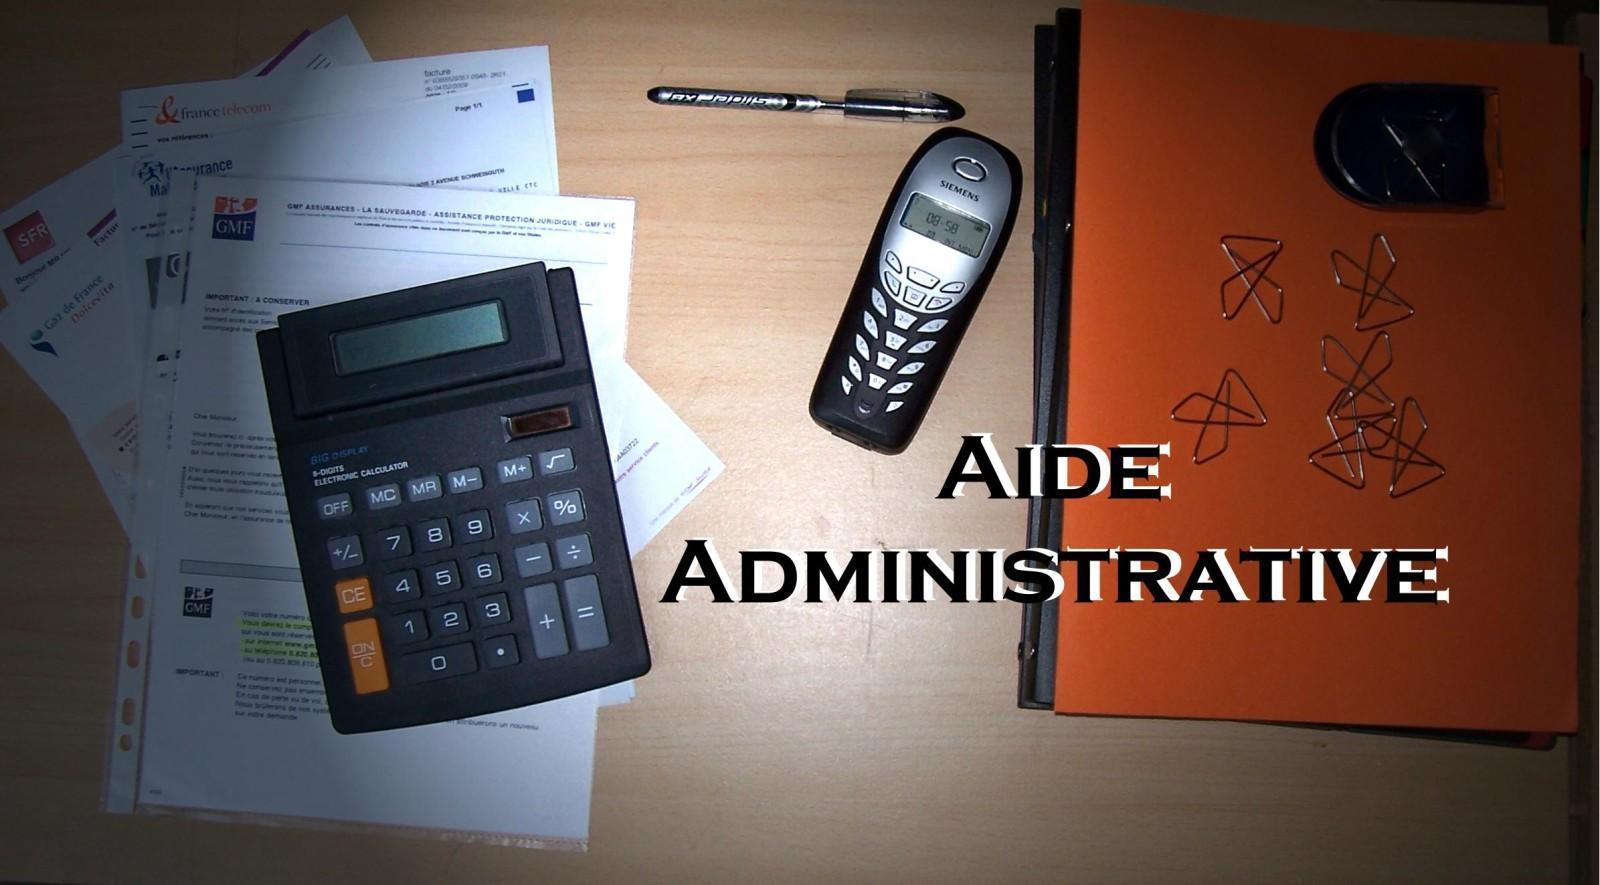 troc de troc aide administrative image 1